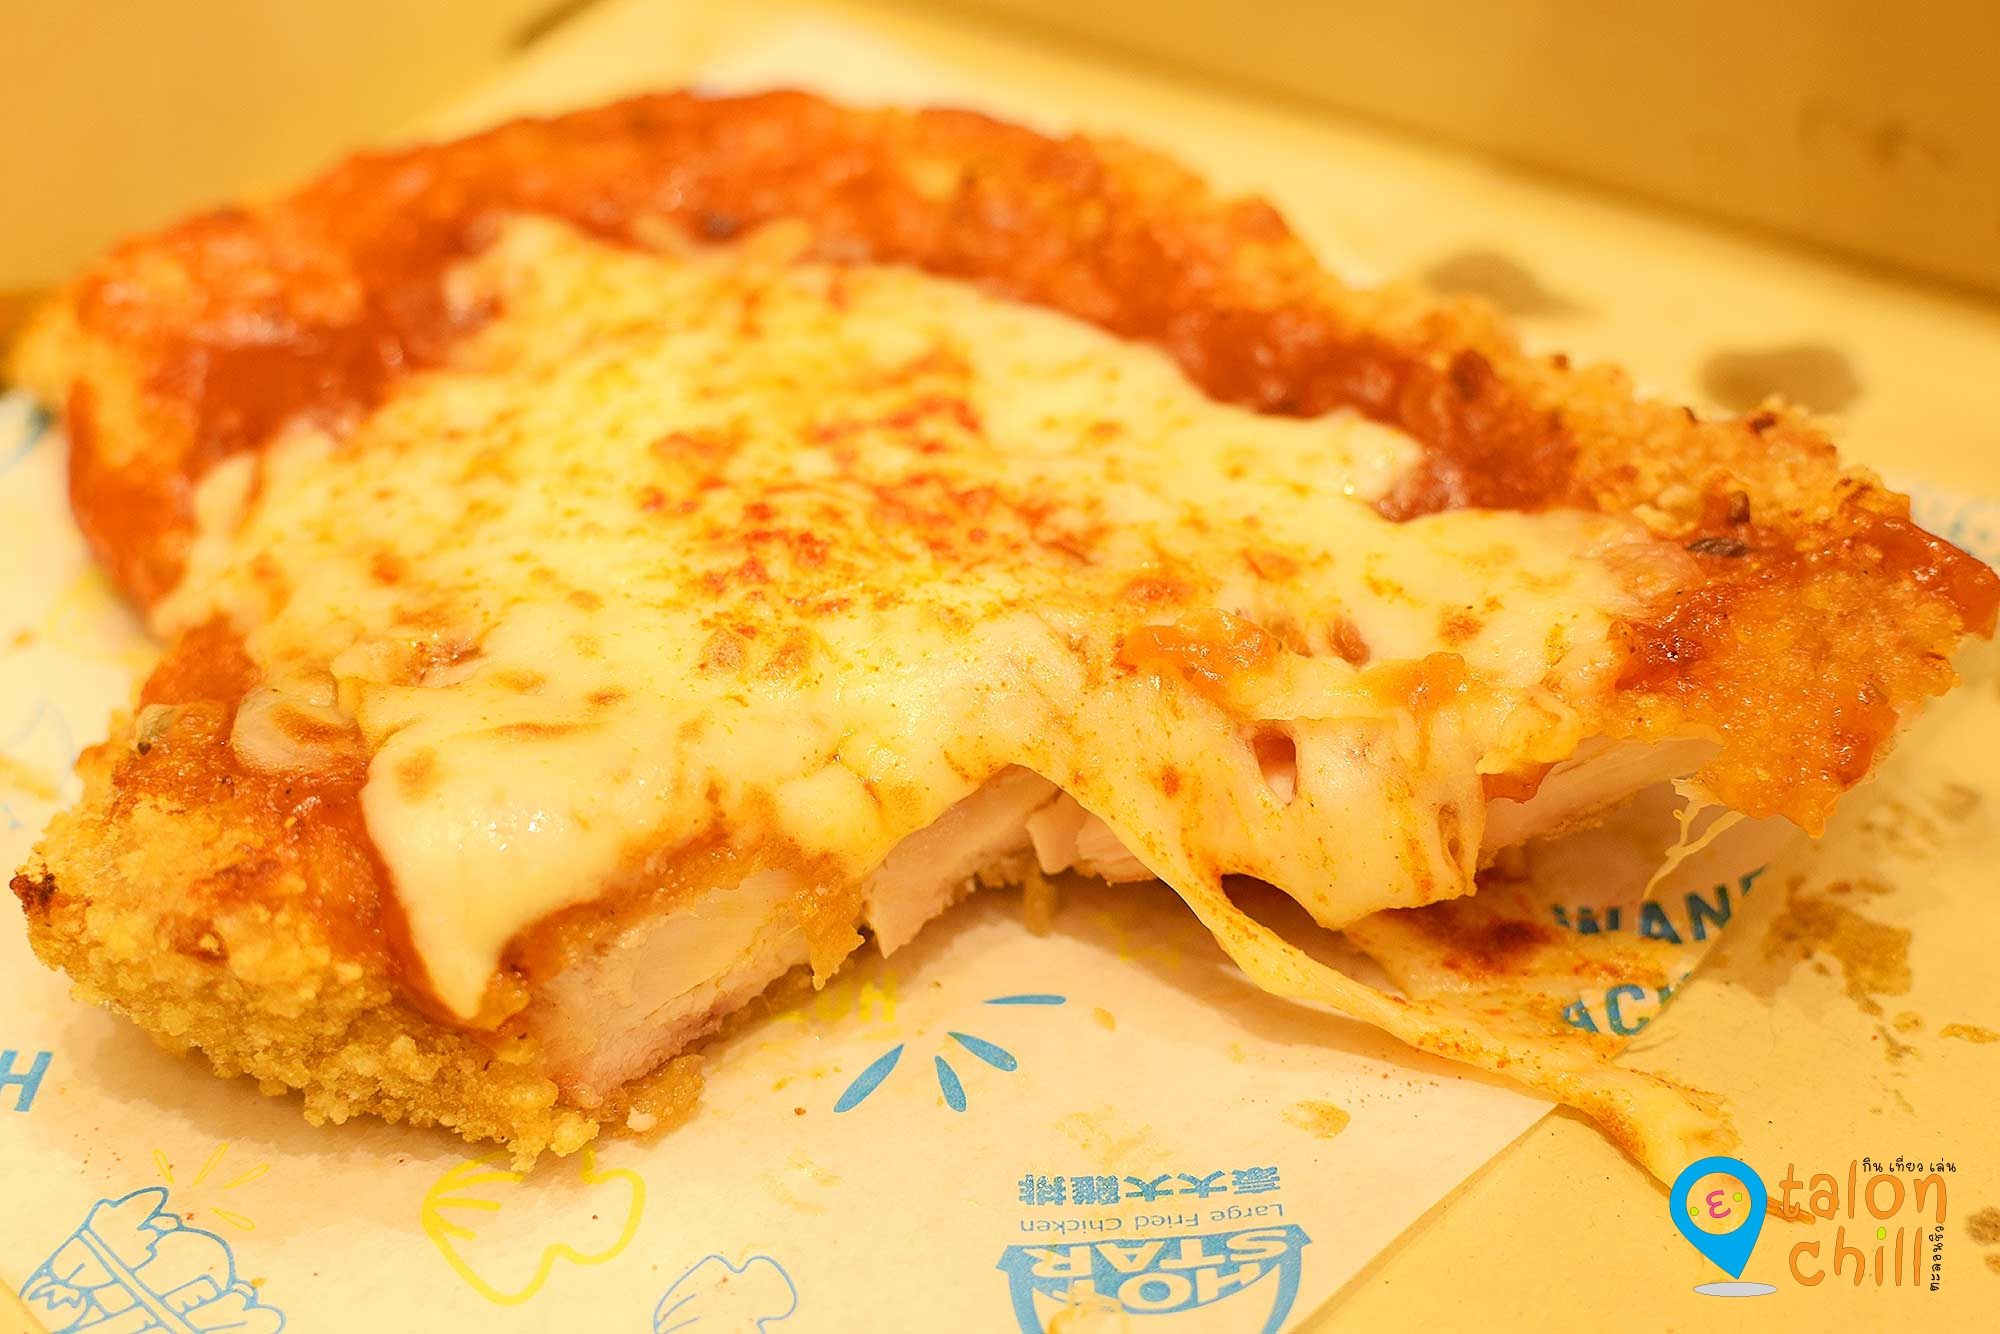 [ตะลอนกิน] HOT-STAR CHICKEN PIZZA ฮ็อตสตาร์ชิกเก้นพิซซ่า ไก่ราดด้วยพิซซ่าซอส (XXL Chicken Pizza) ของร้านฮ็อทสตาร์ (Hot Star)